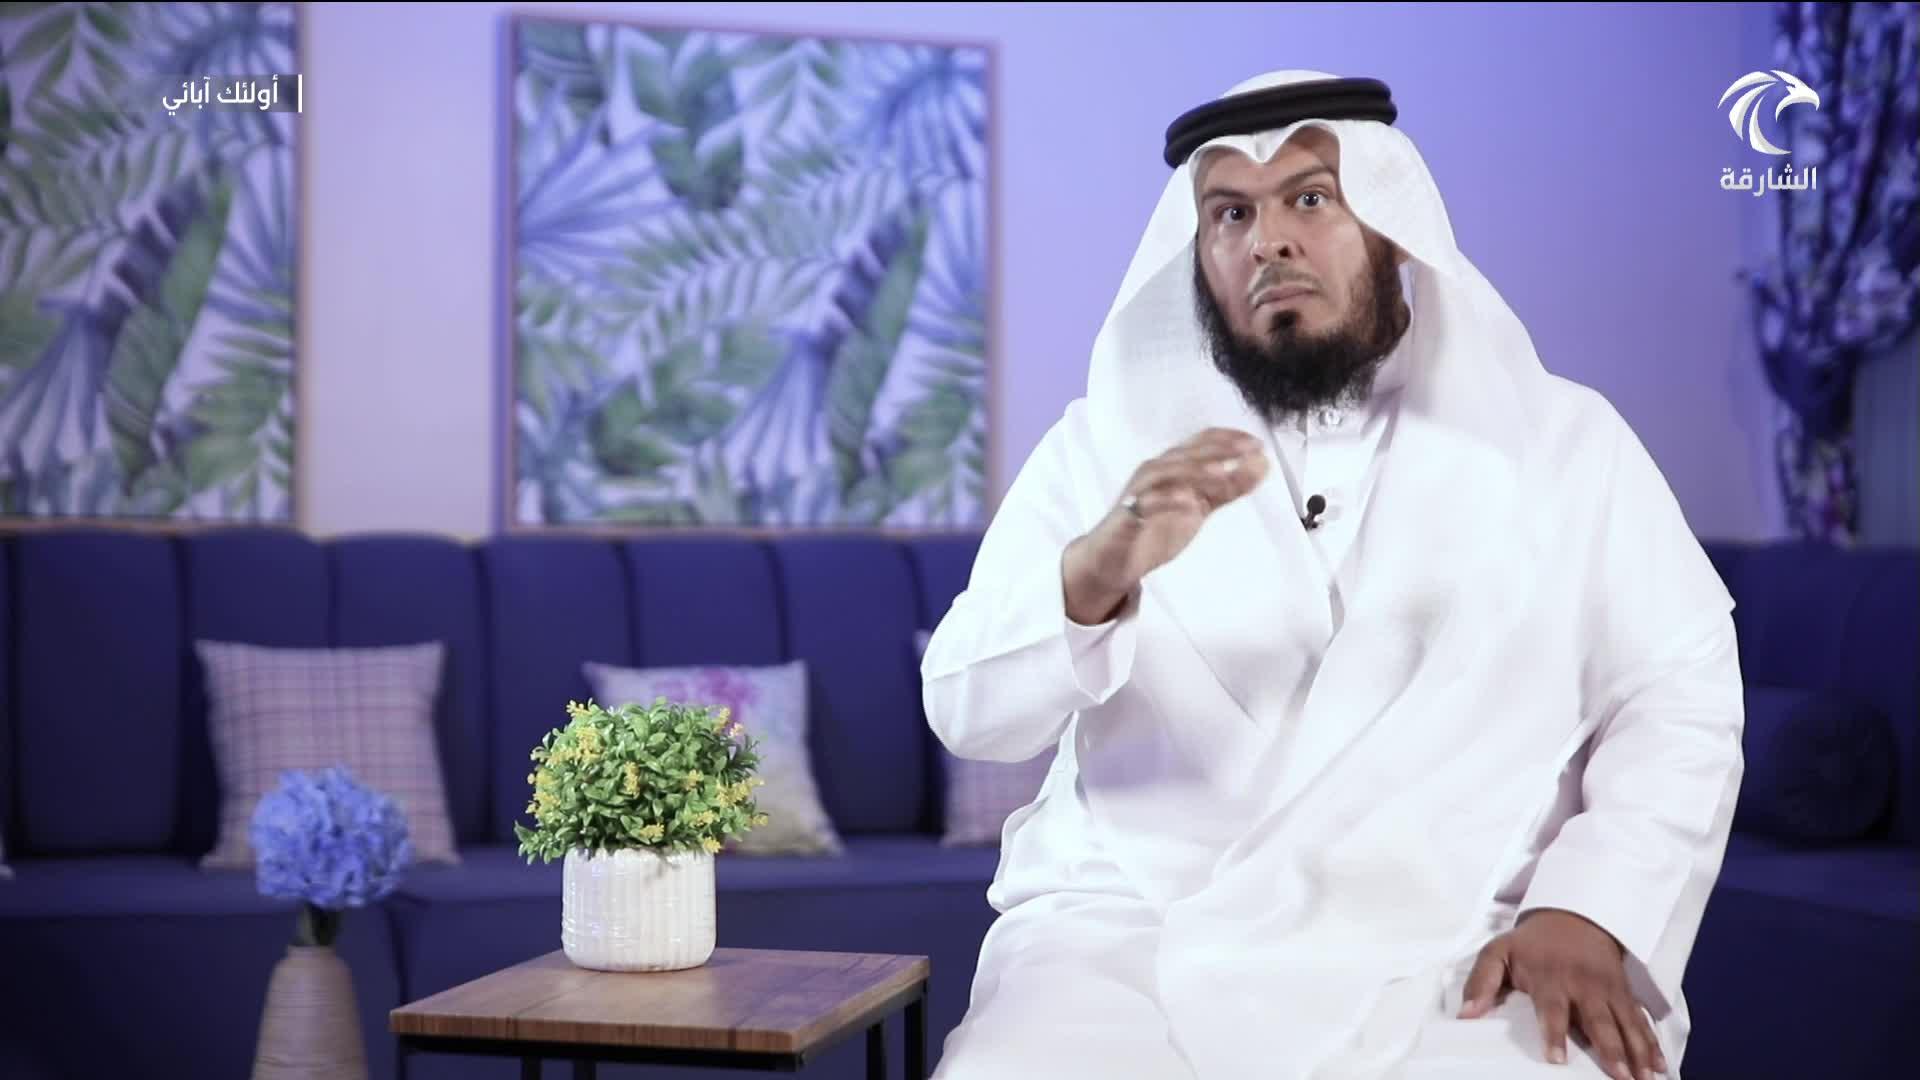 يزيد بن عبدالملك